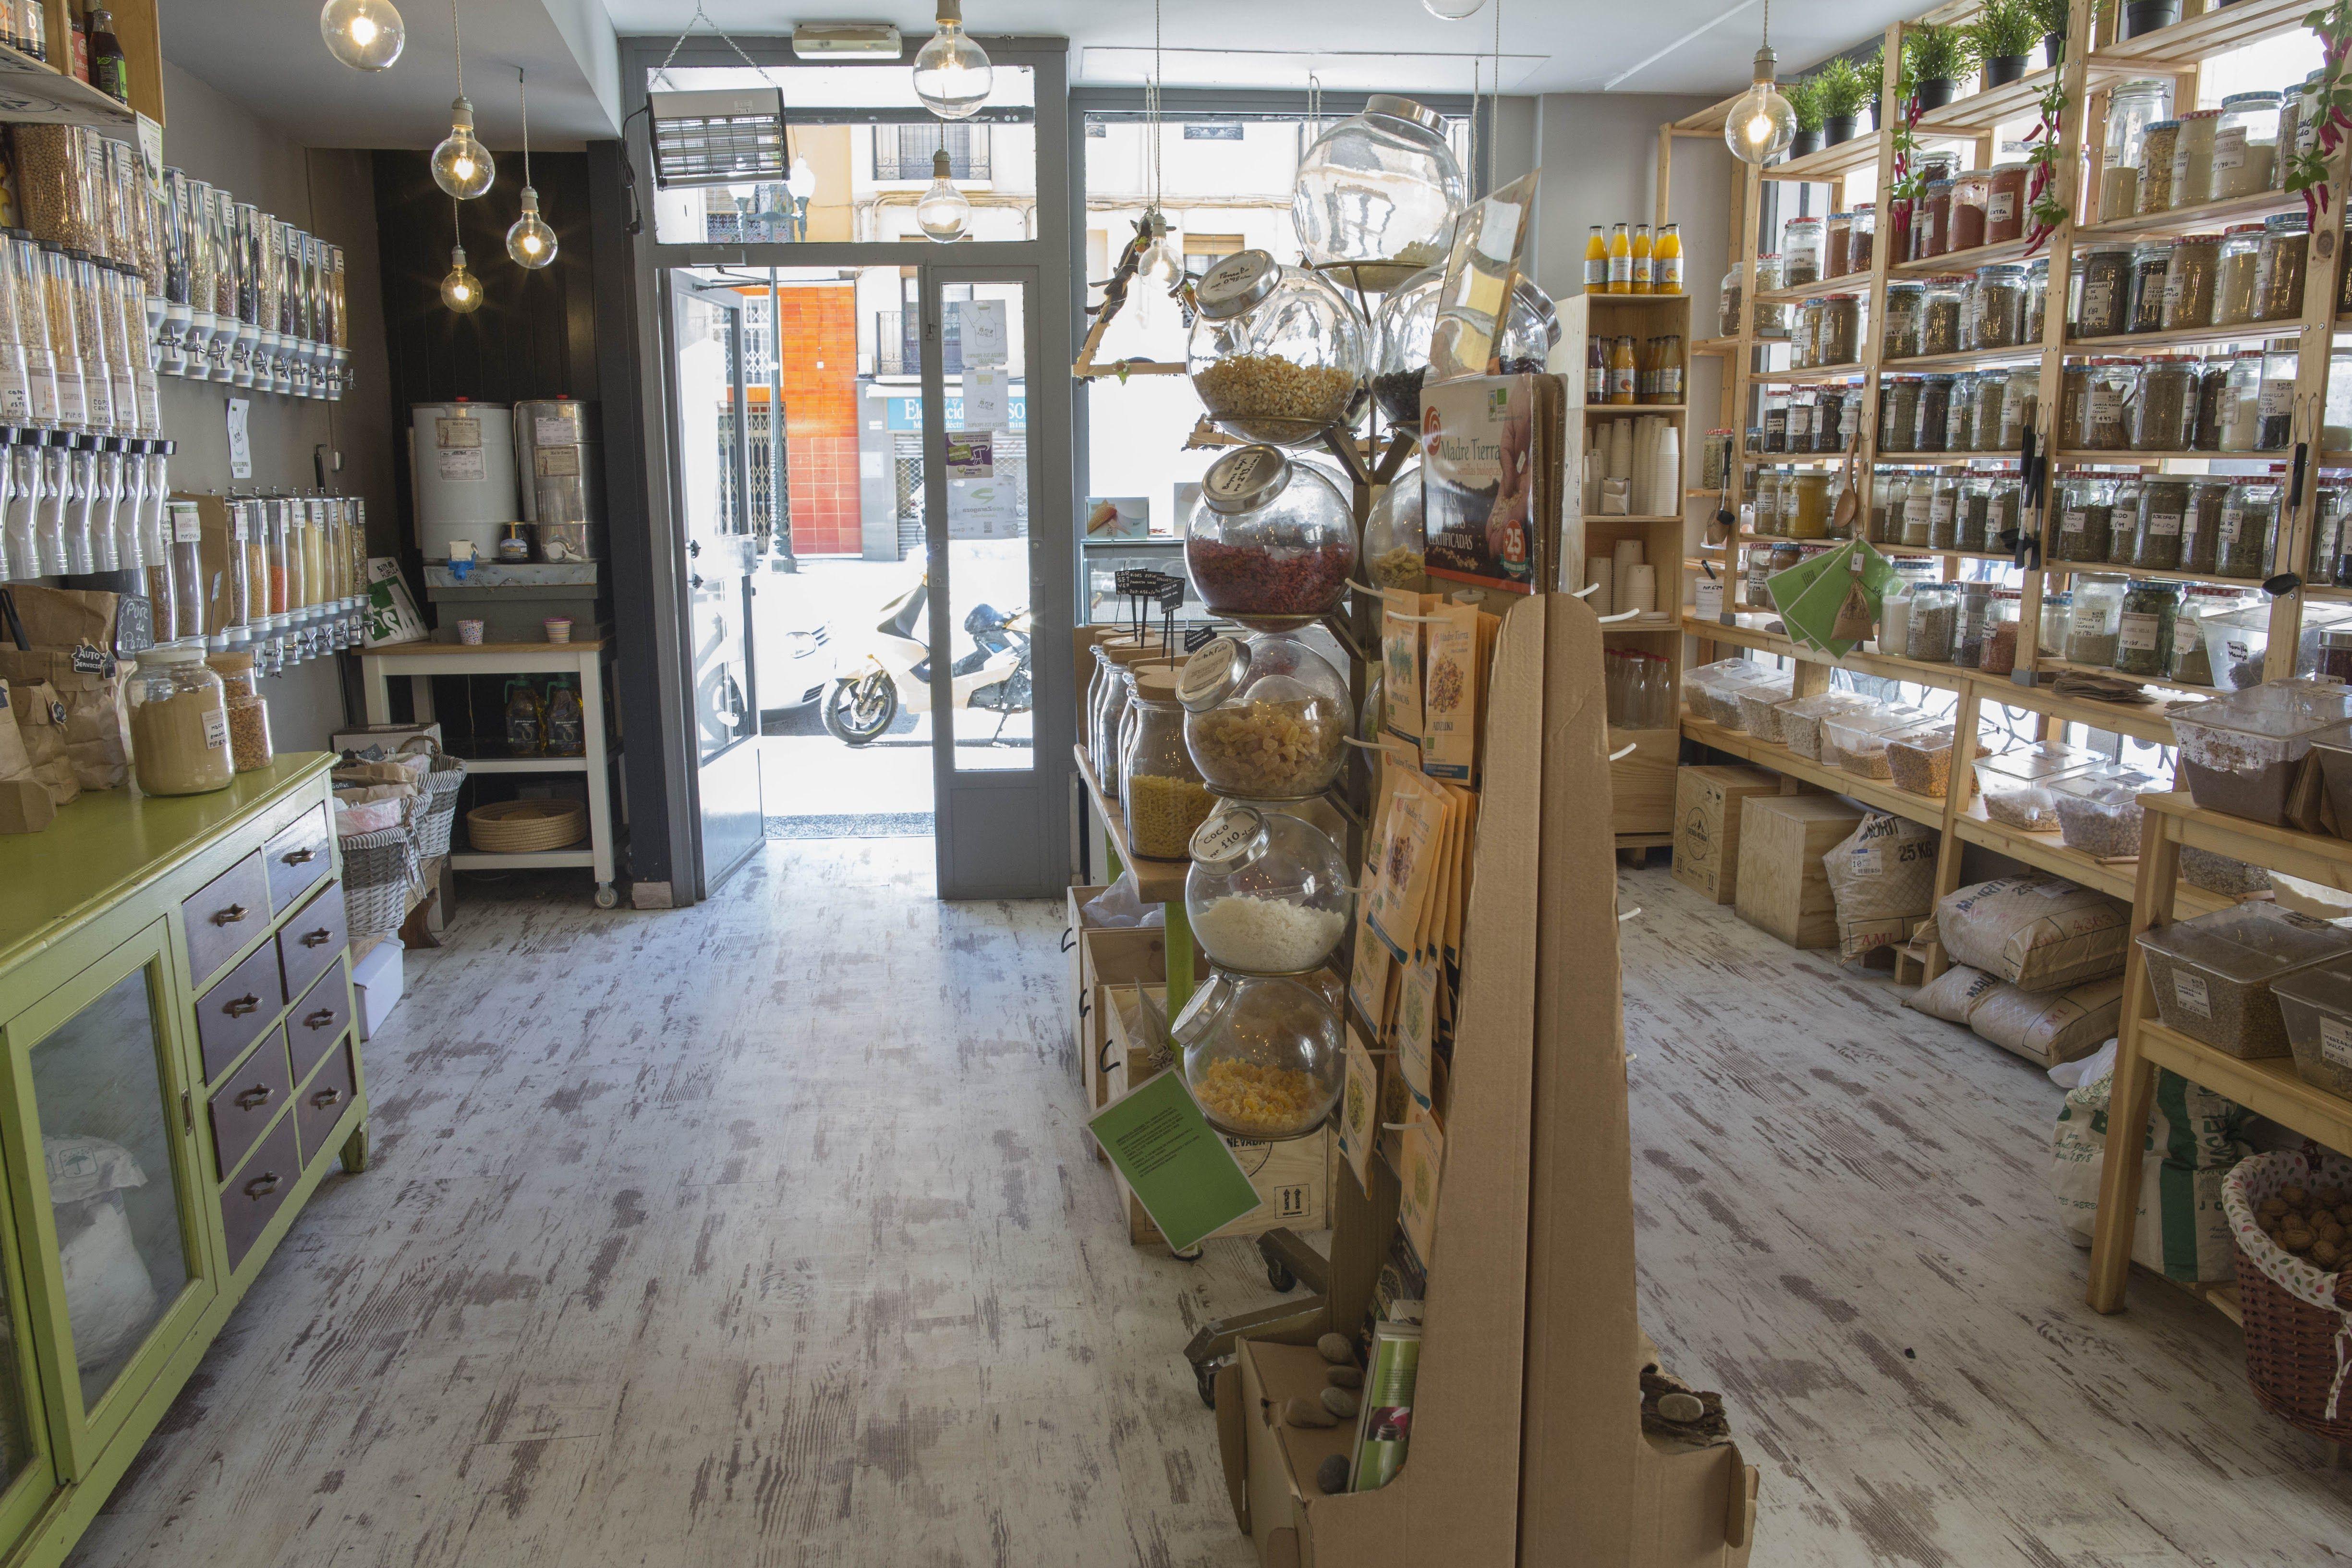 Foto 6 de Tienda de productos ecológicos a granel en Zaragoza | Sin Huella